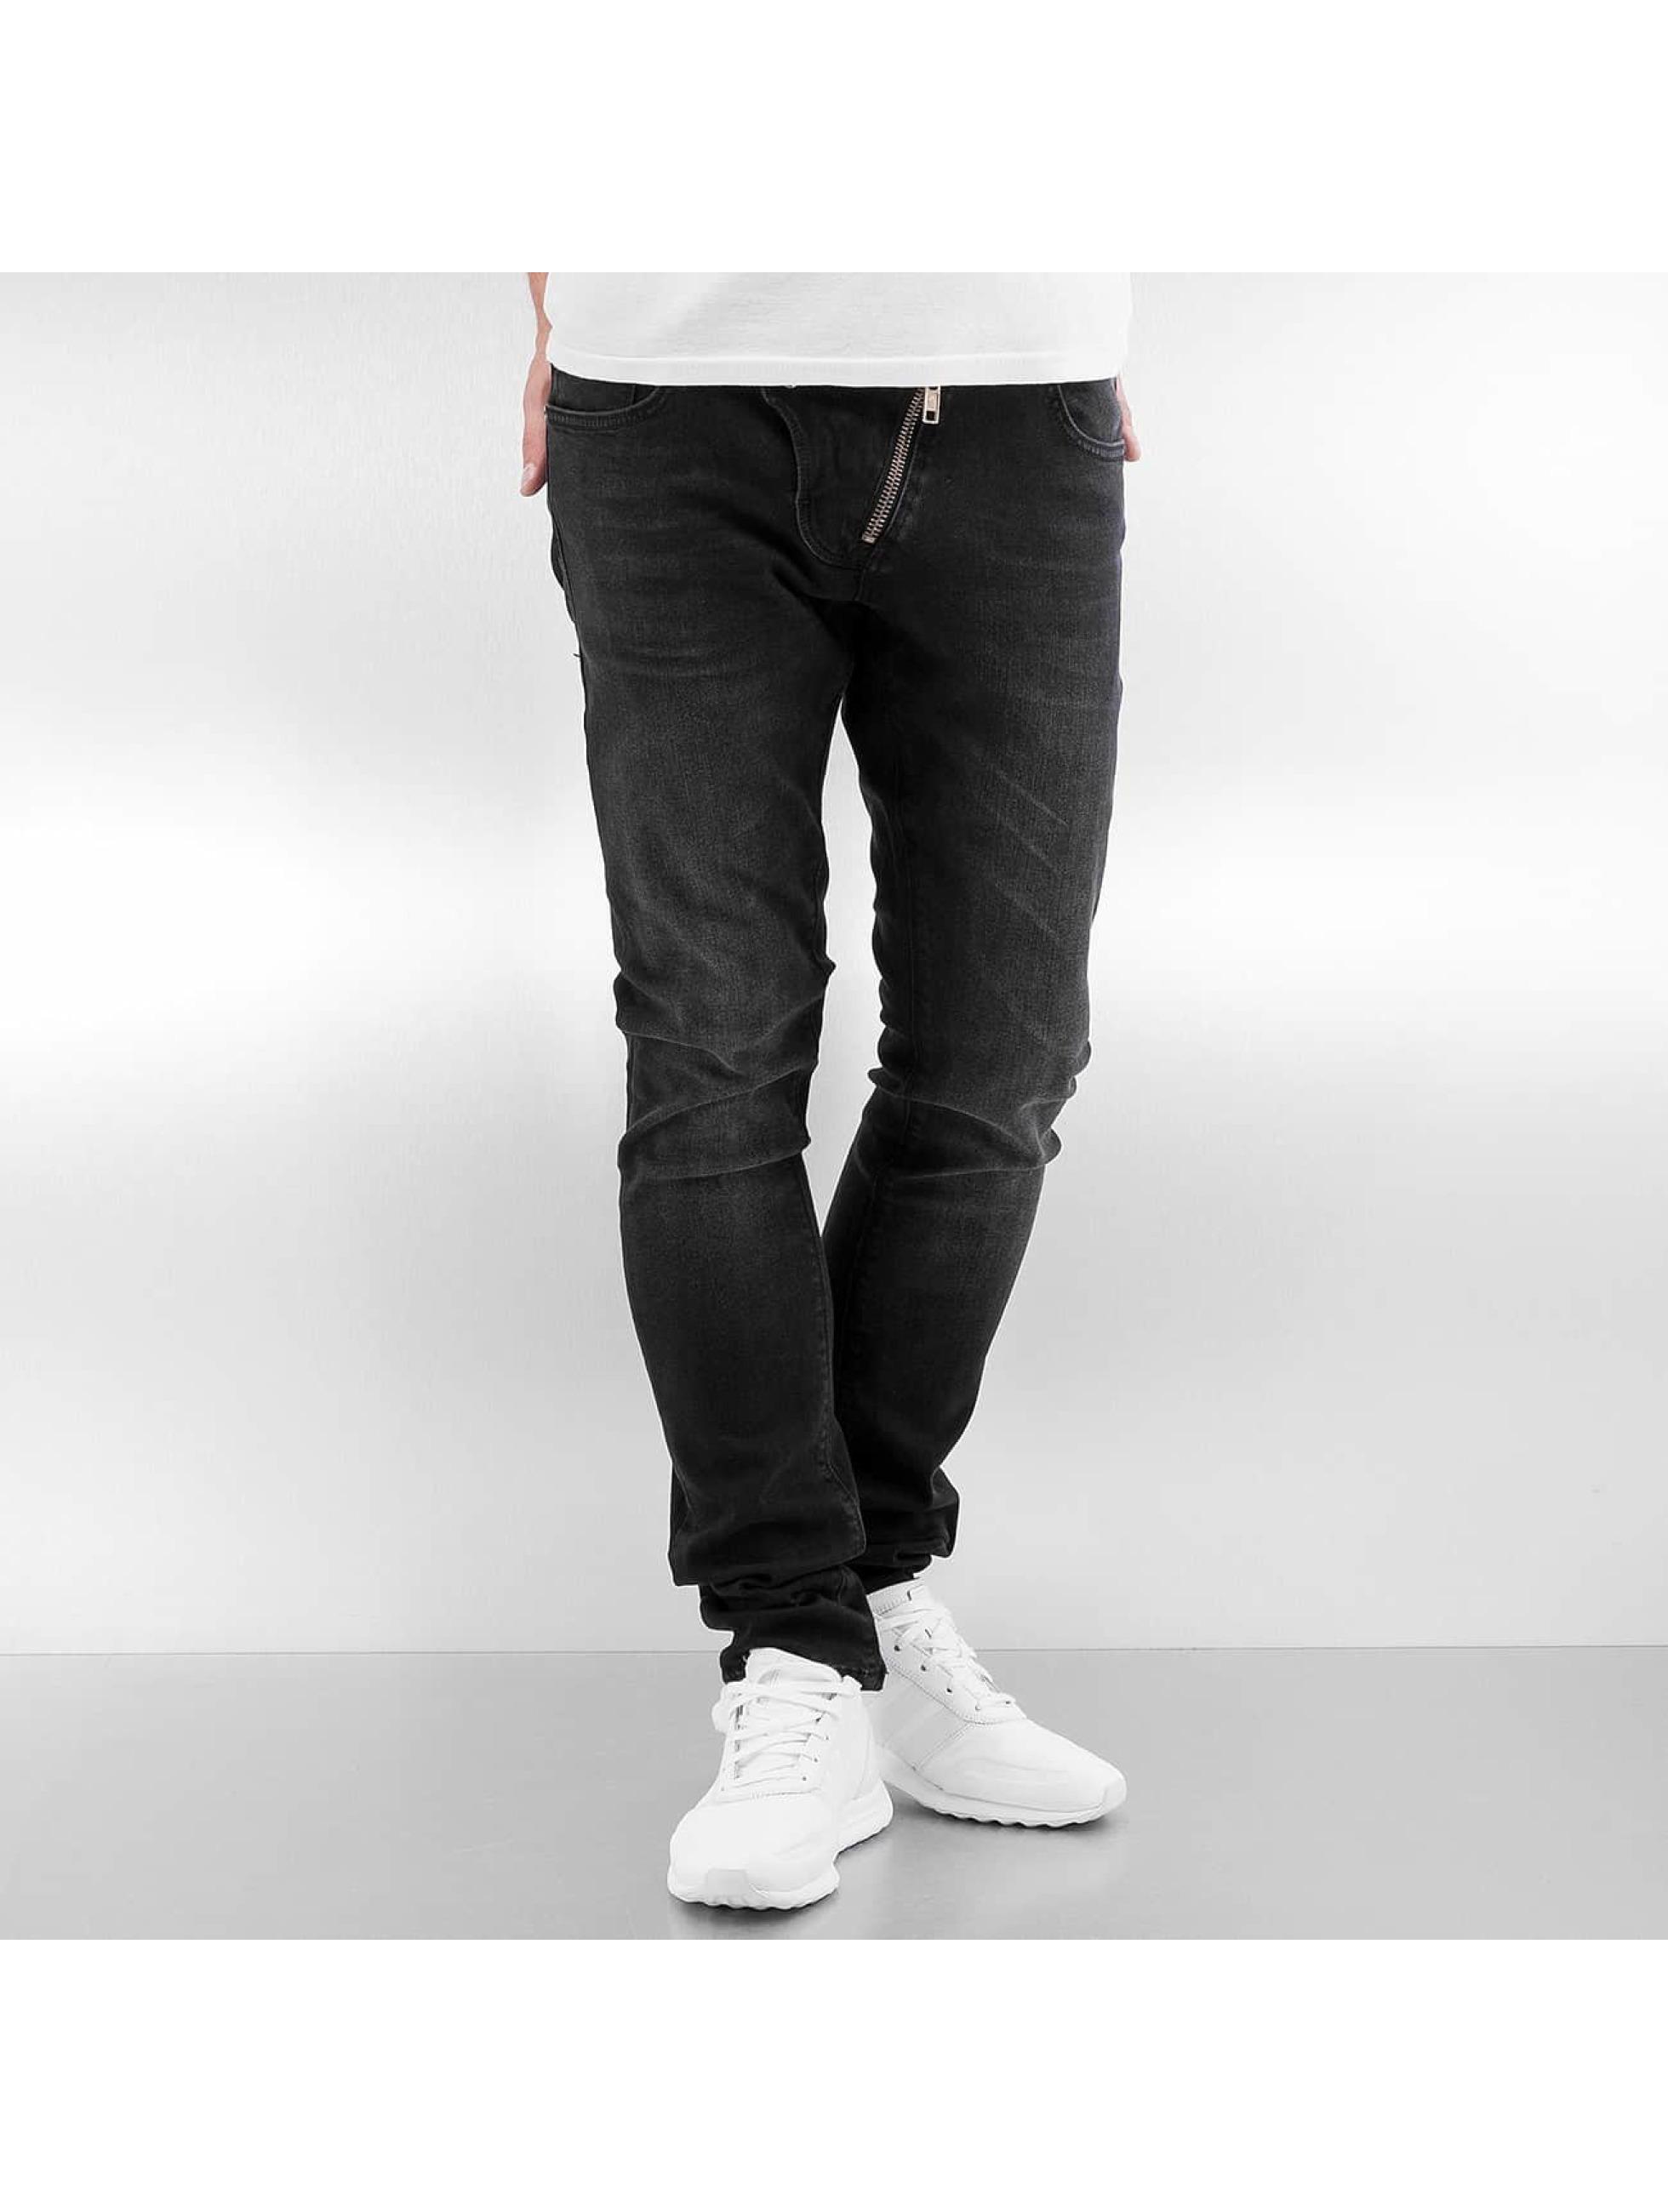 2Y / Slim Fit Jeans Kerry in black W 31